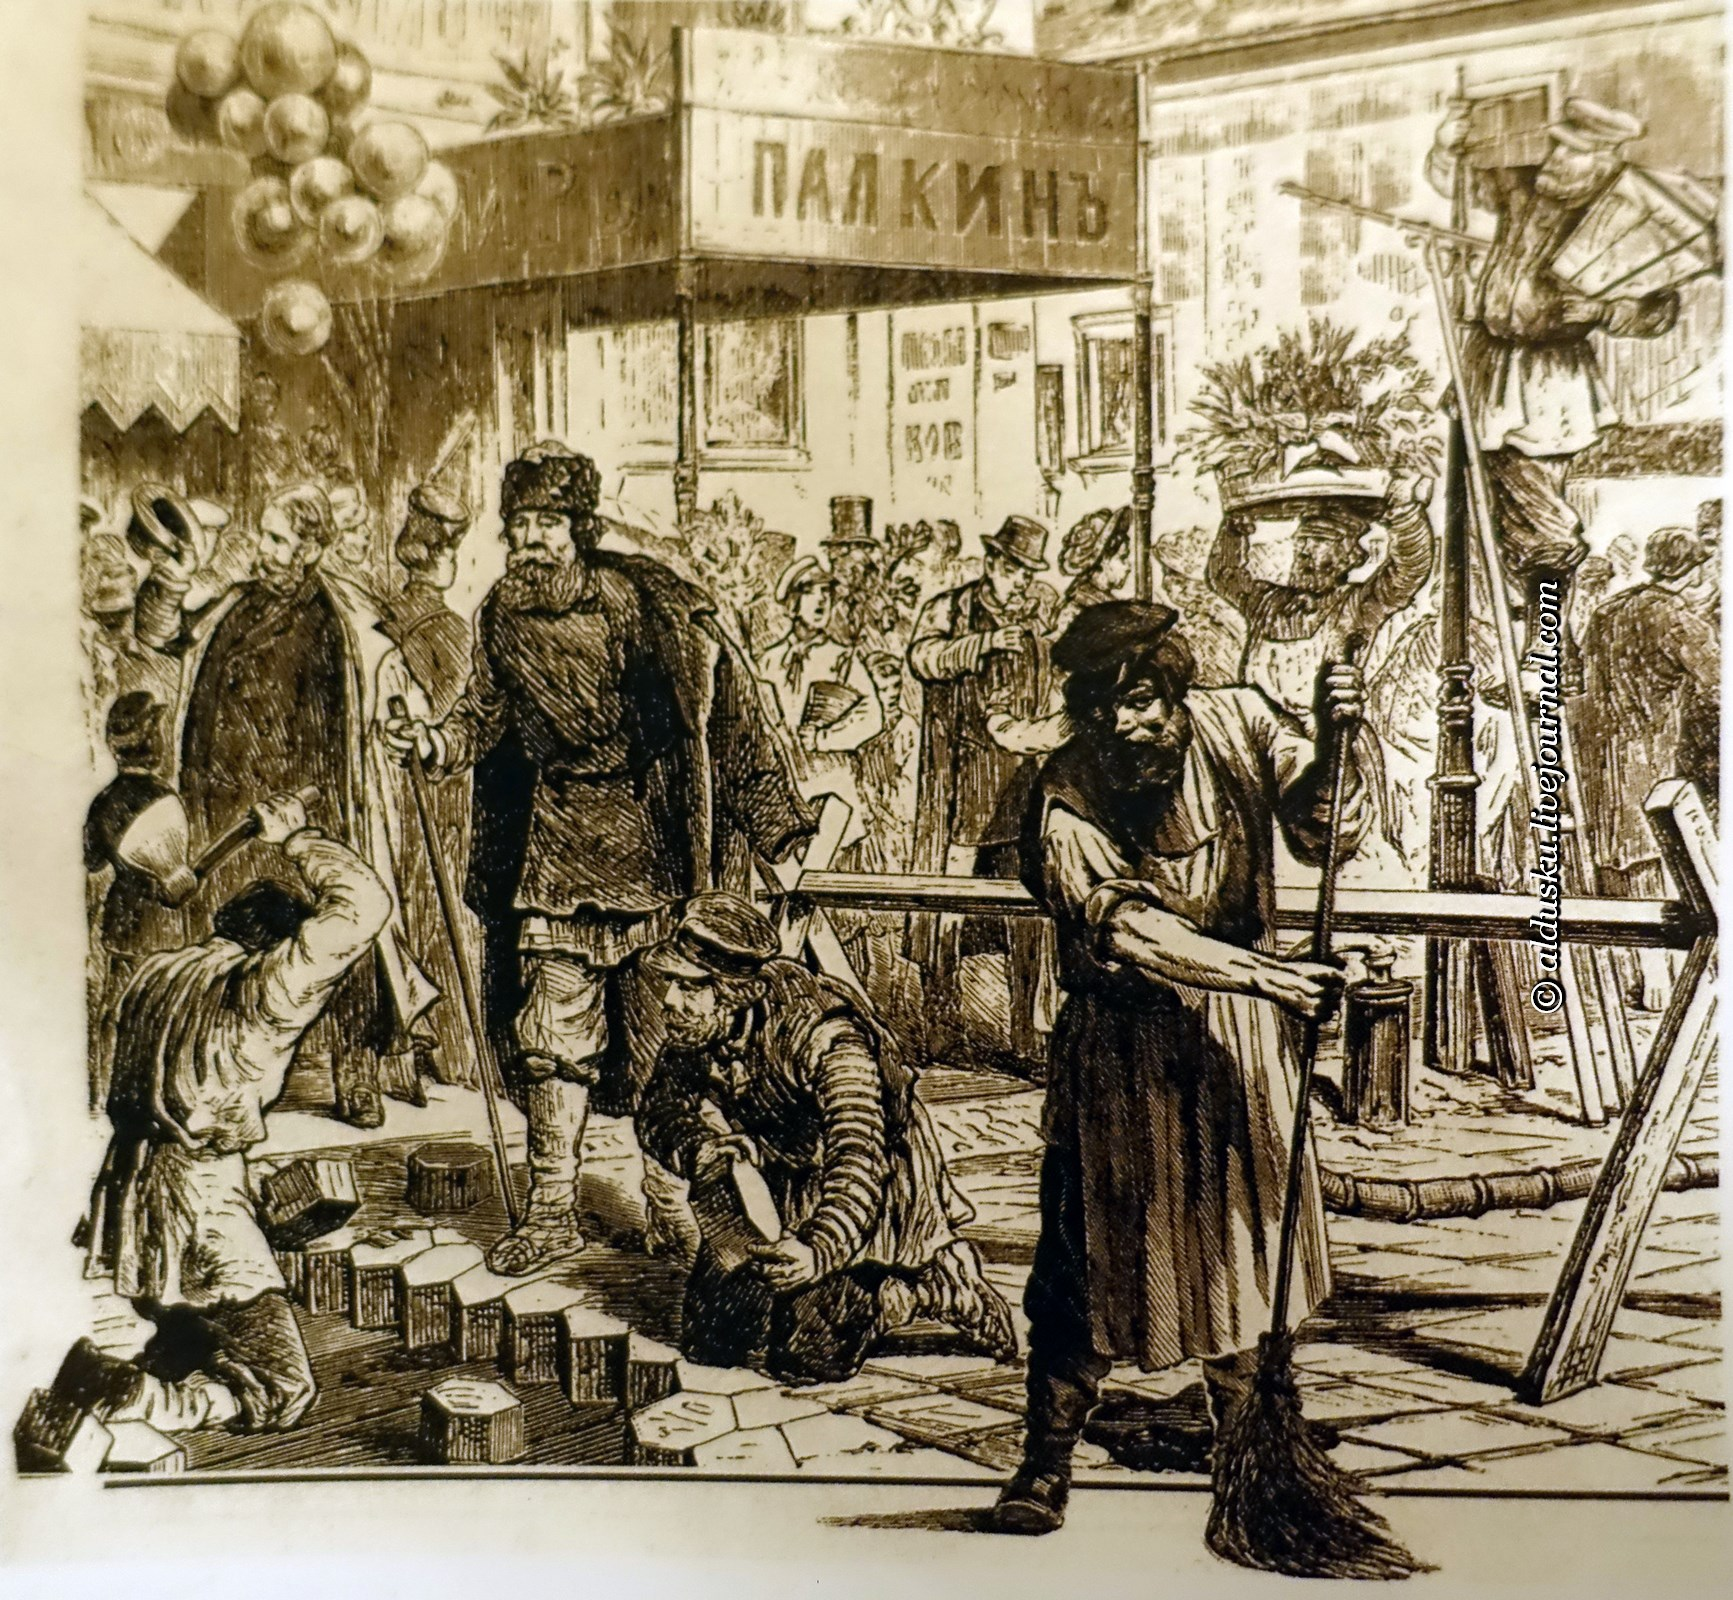 У Ресторана Палкин. Рисунок XIX век